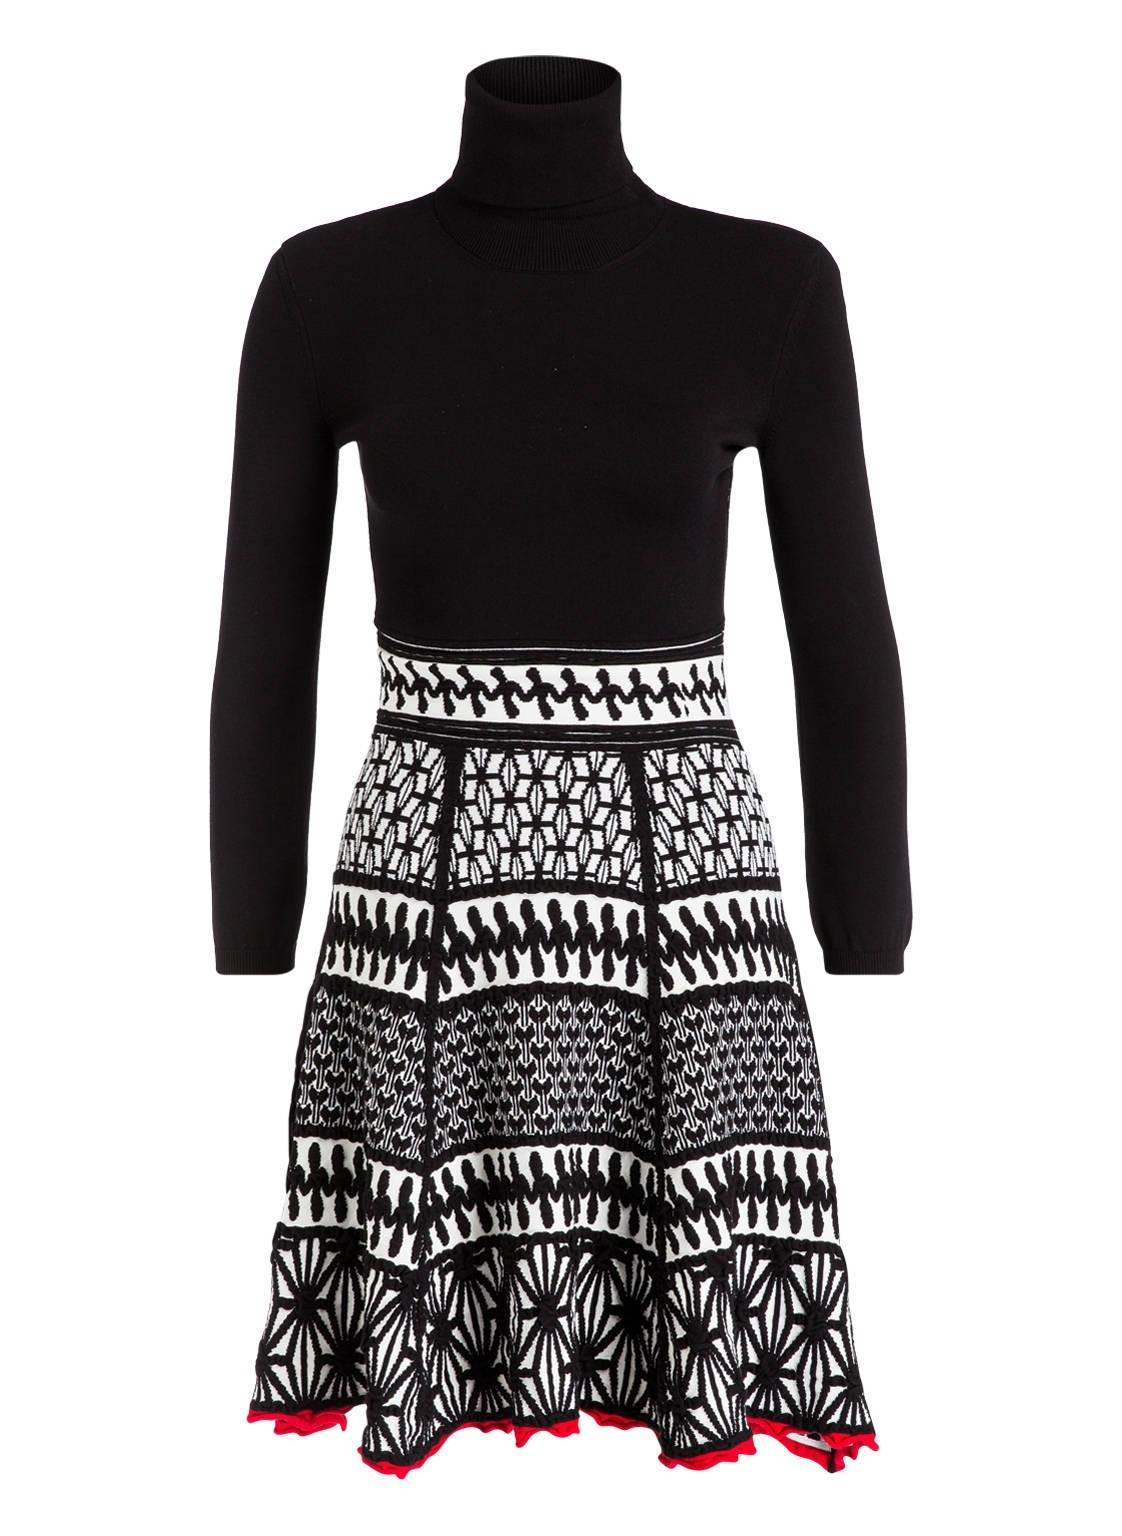 Abend Genial Online Shopping Kleider Spezialgebiet13 Top Online Shopping Kleider Boutique